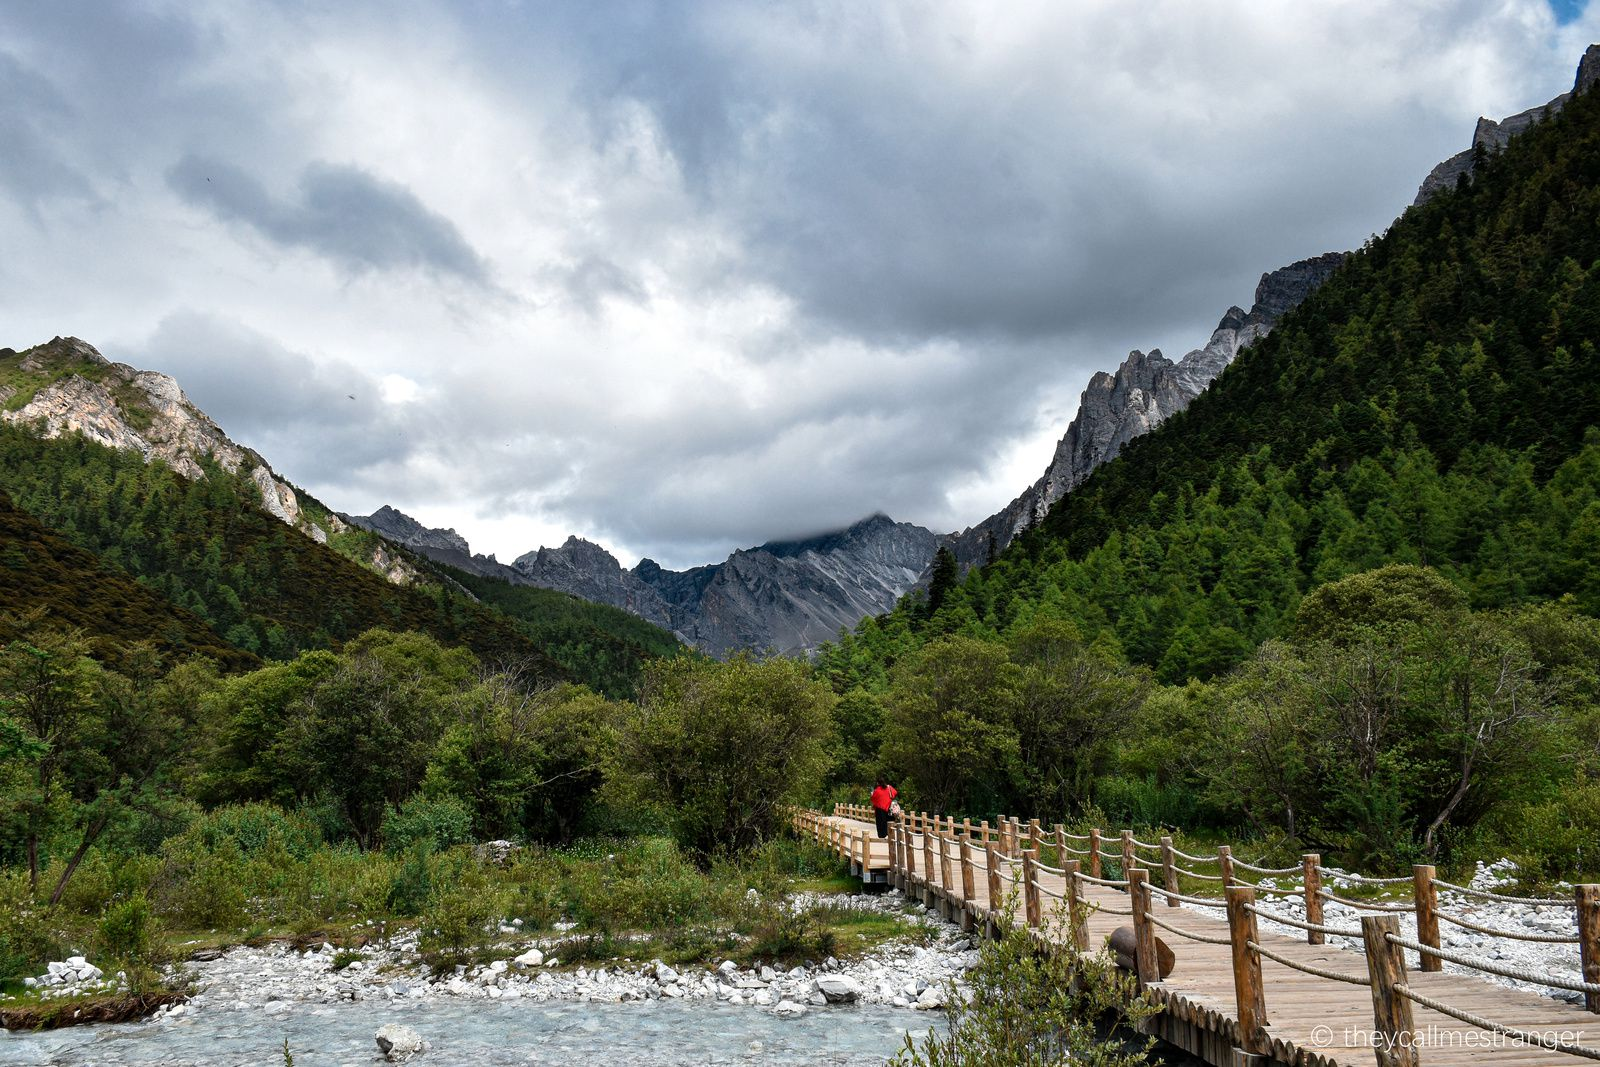 Ouest du Sichuan : la réserve naturelle de Yading 亚丁自然保护区